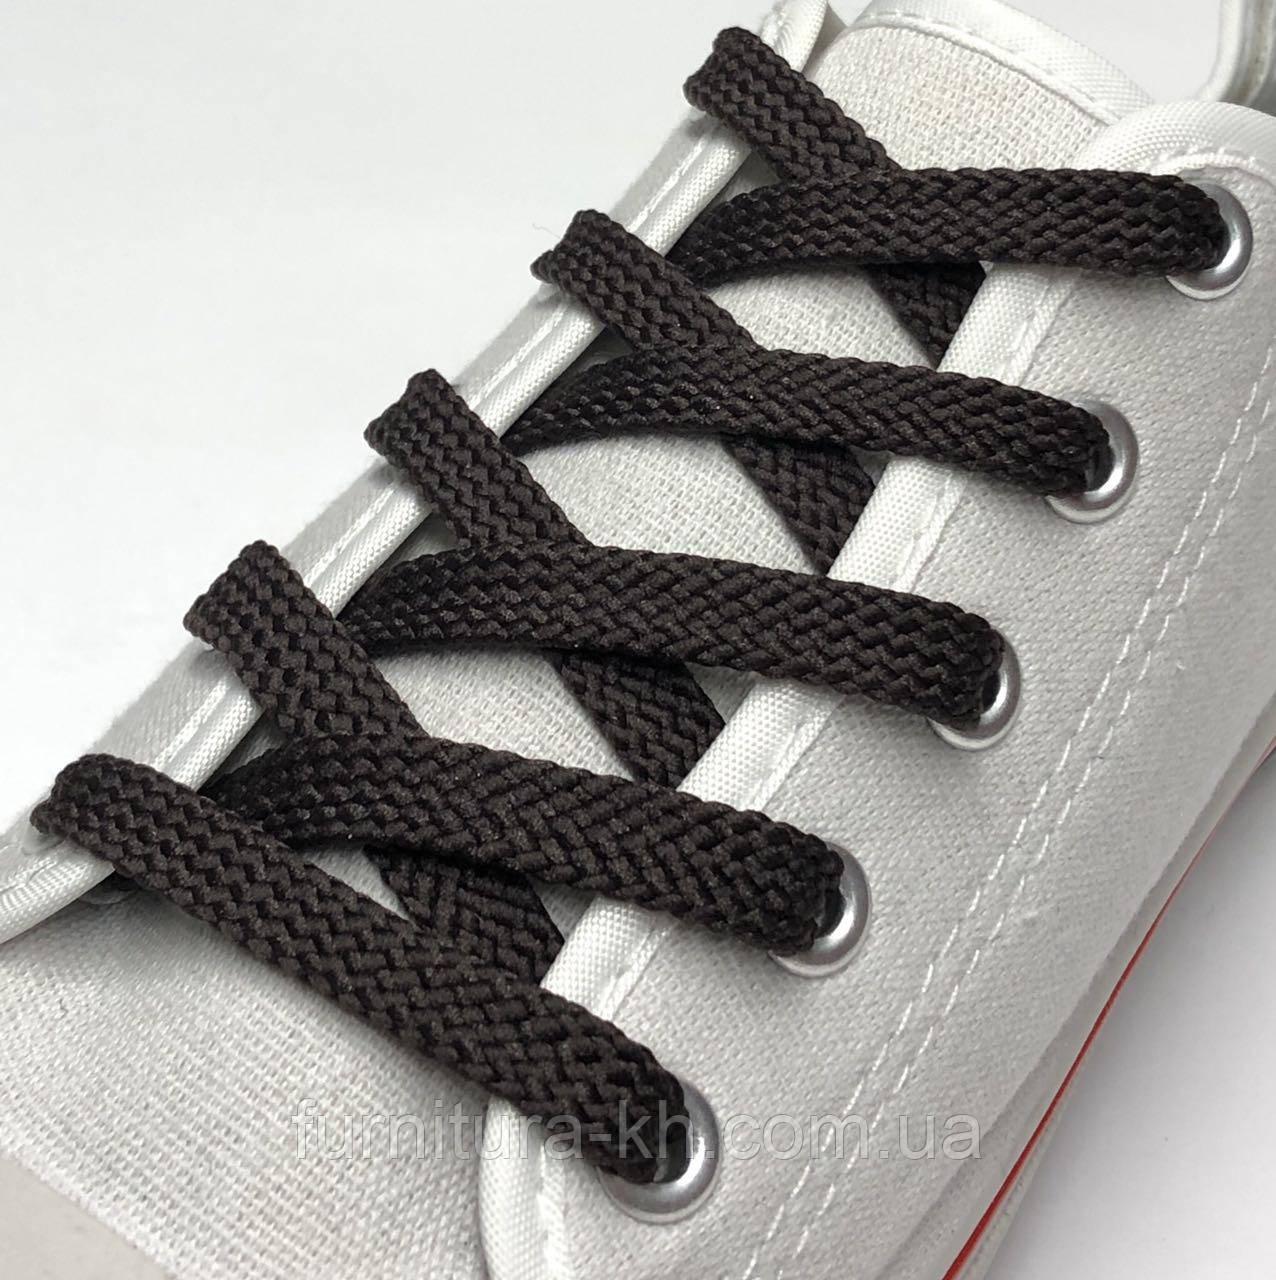 Шнурок Простой Плоский Длинна 1,5 м  цвет Темно Коричневый (ширина 7 мм)